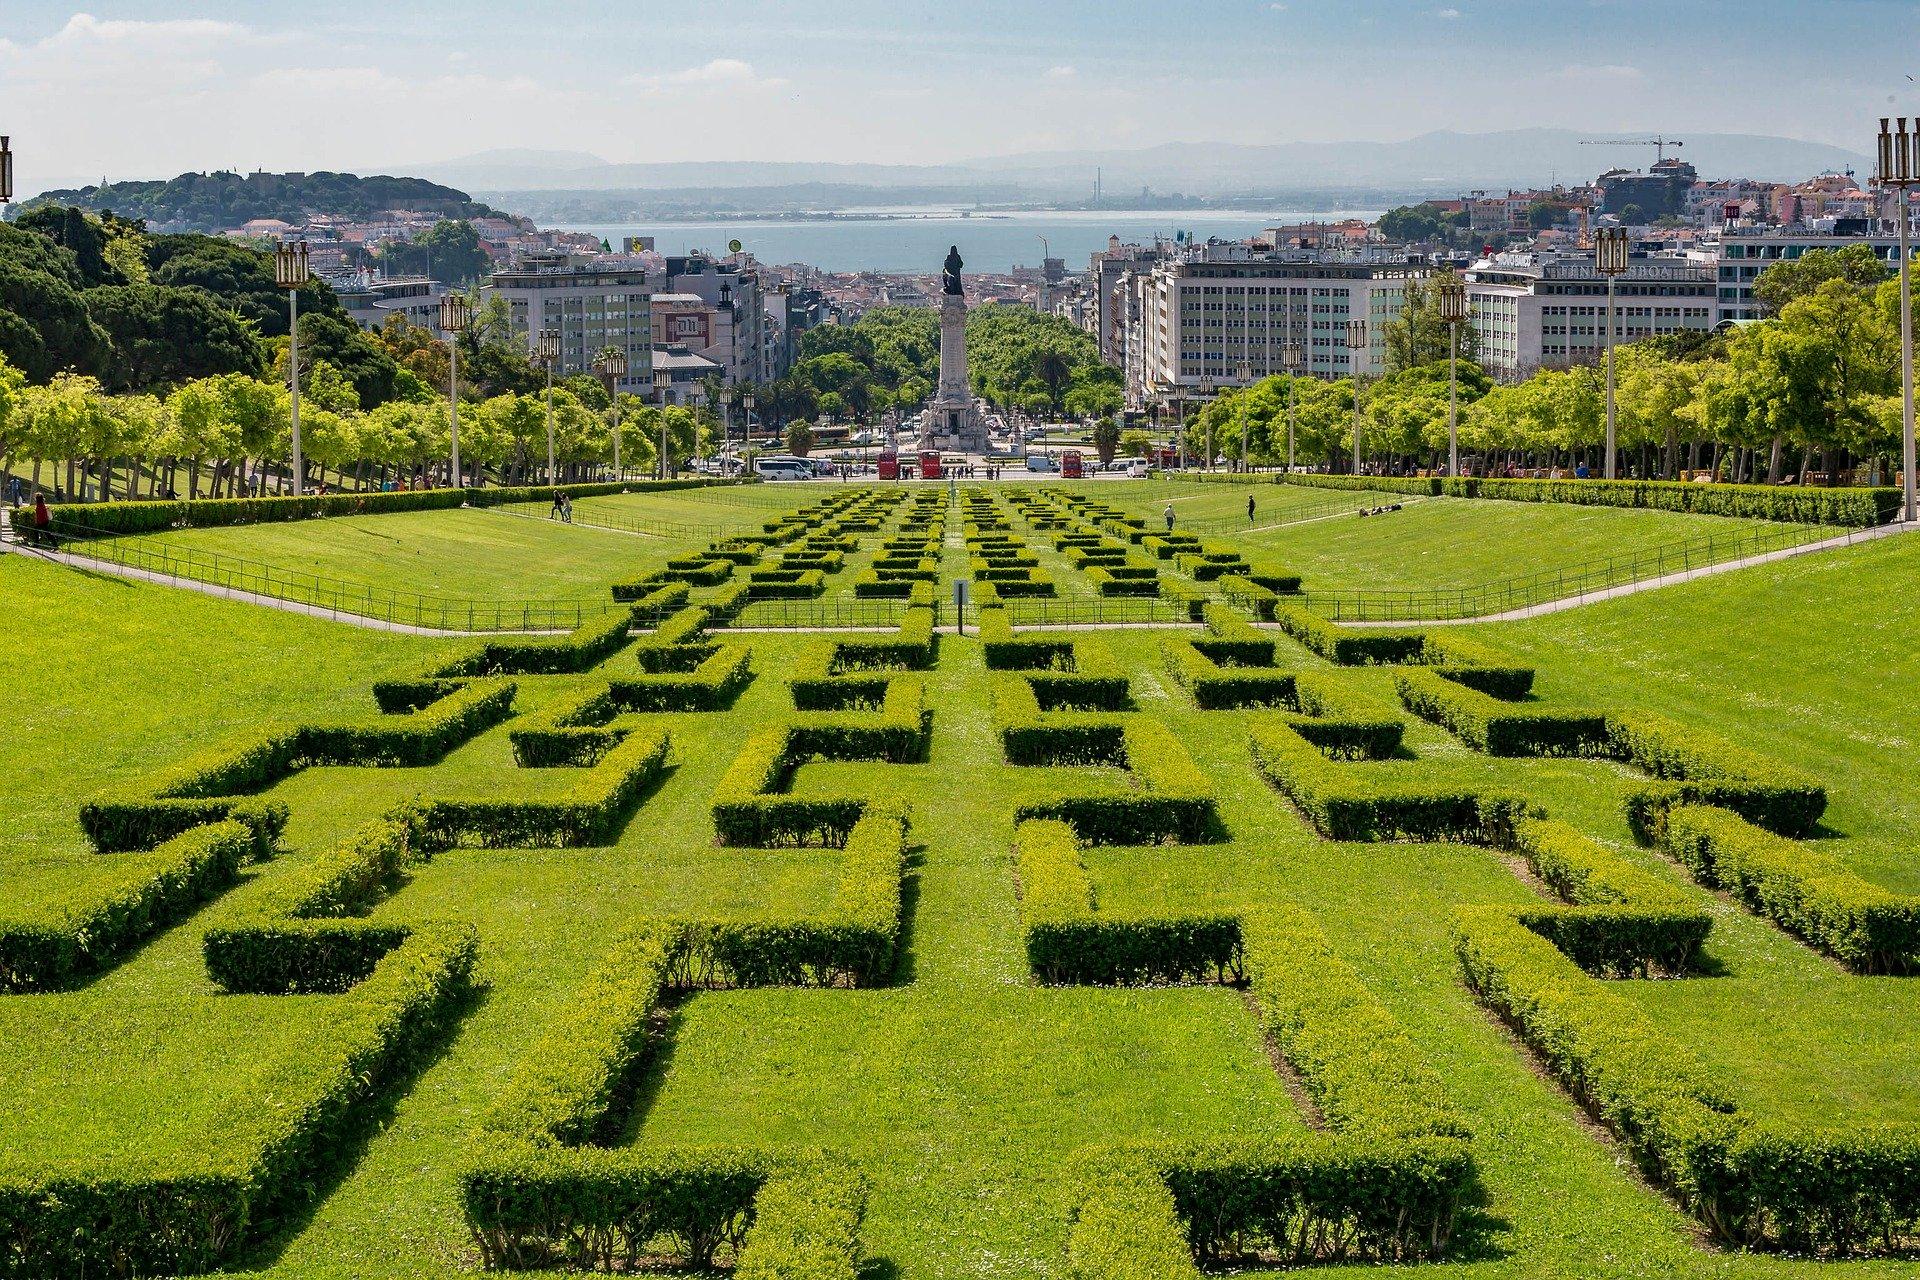 melhores-cidades-para-estudar-em-portugal-lisboa